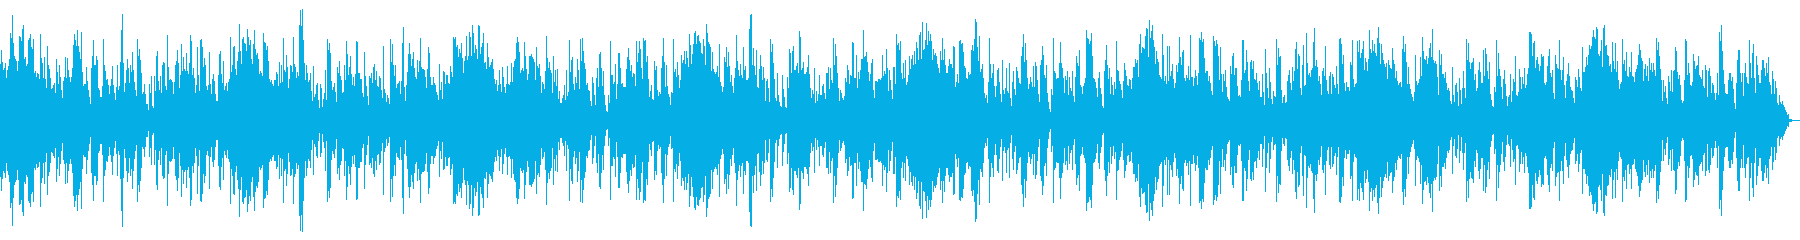 ホラー風BGM 15の再生済みの波形